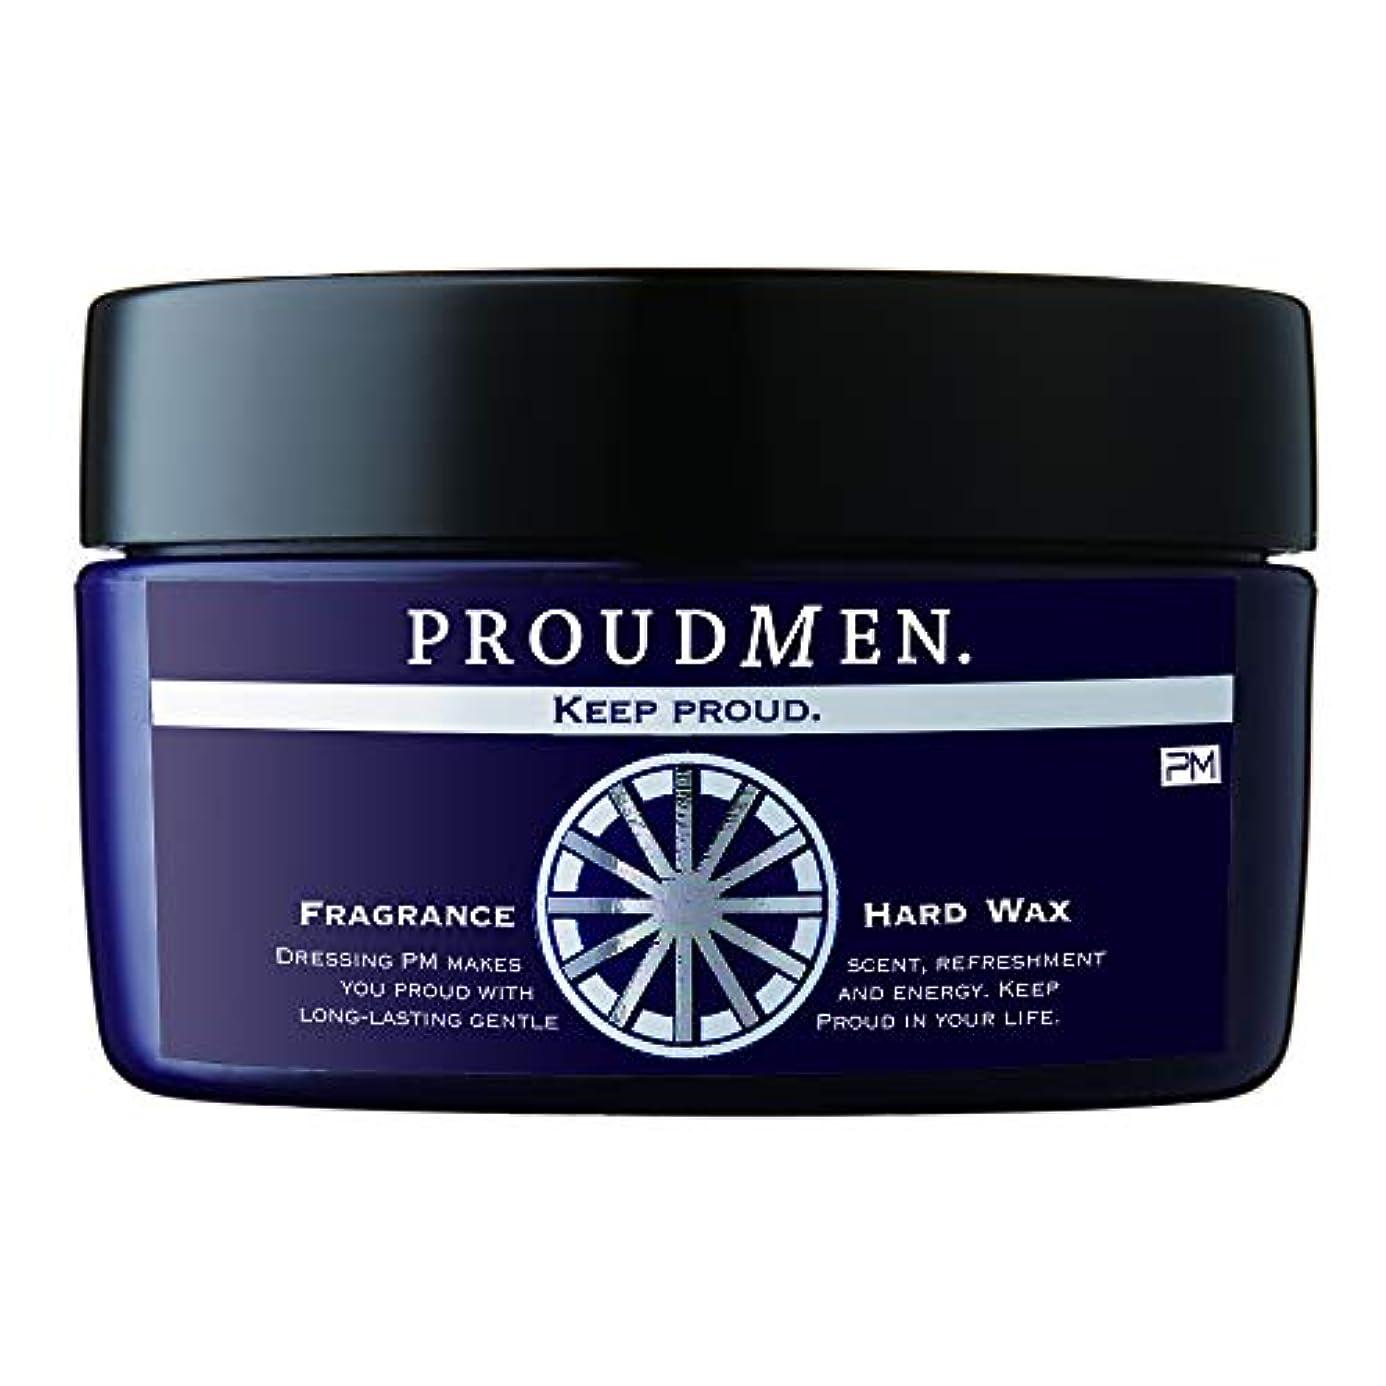 値する今日スツールプラウドメン フレグランスハードワックス 60g (グルーミング?シトラスの香り) 整髪料 スタイリング剤 ヘアワックス メンズ 男性